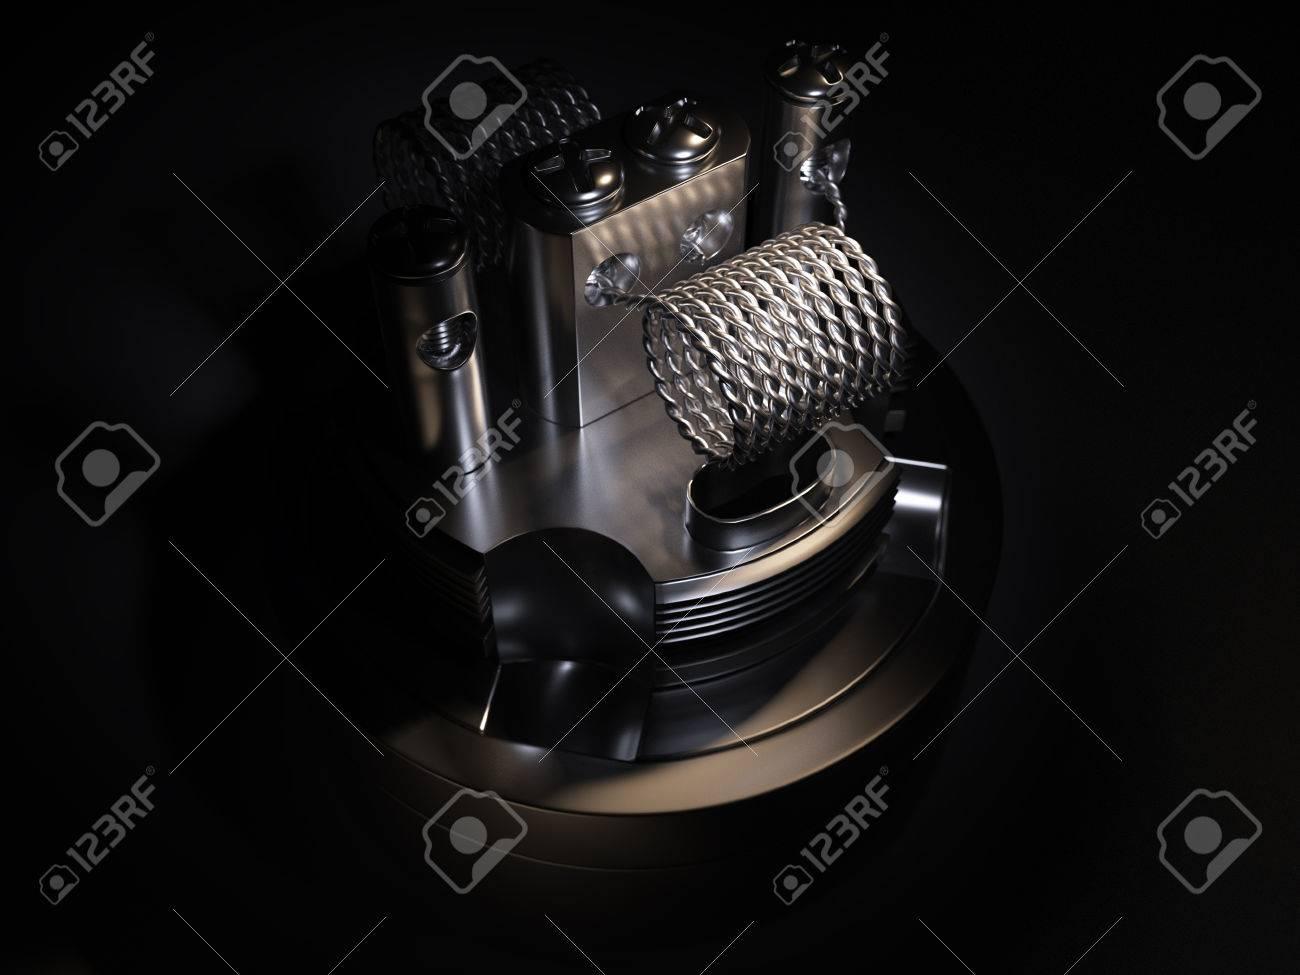 Vaping atomizer with twist coil. Black background Standard-Bild - 54359990